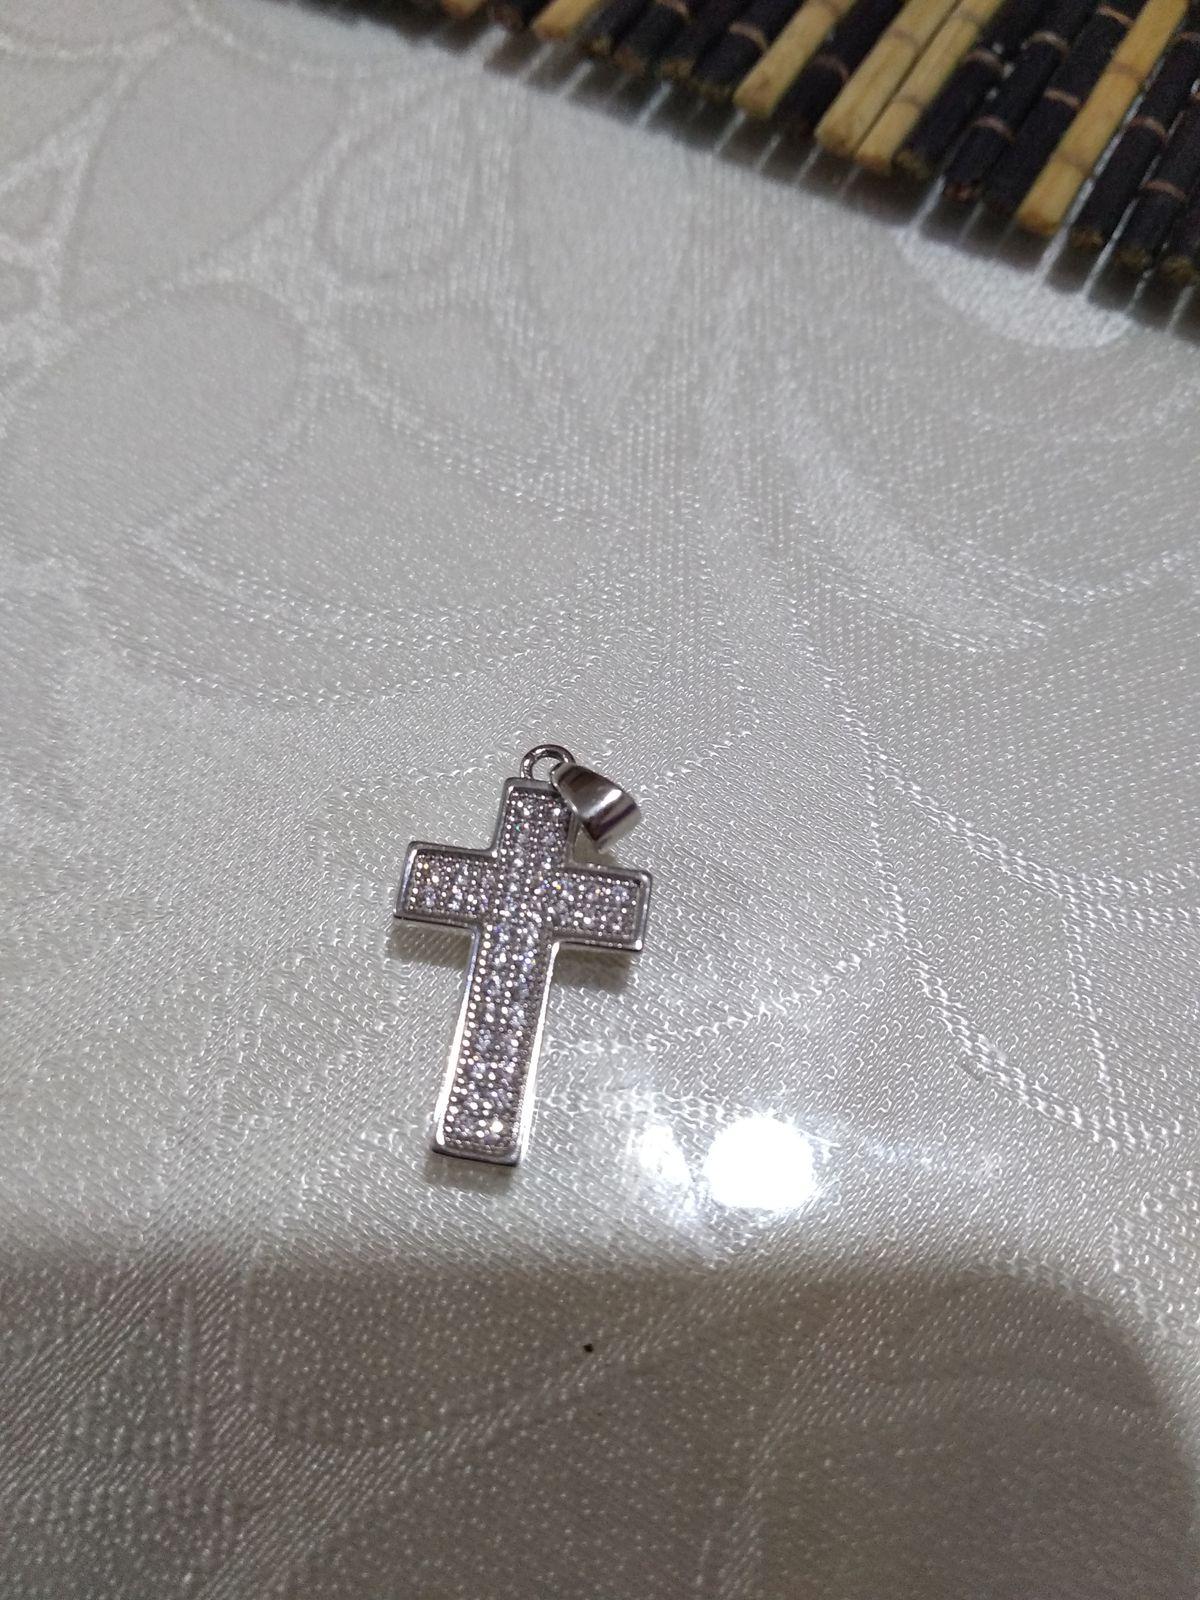 Очень аккуратный и красивый крестик